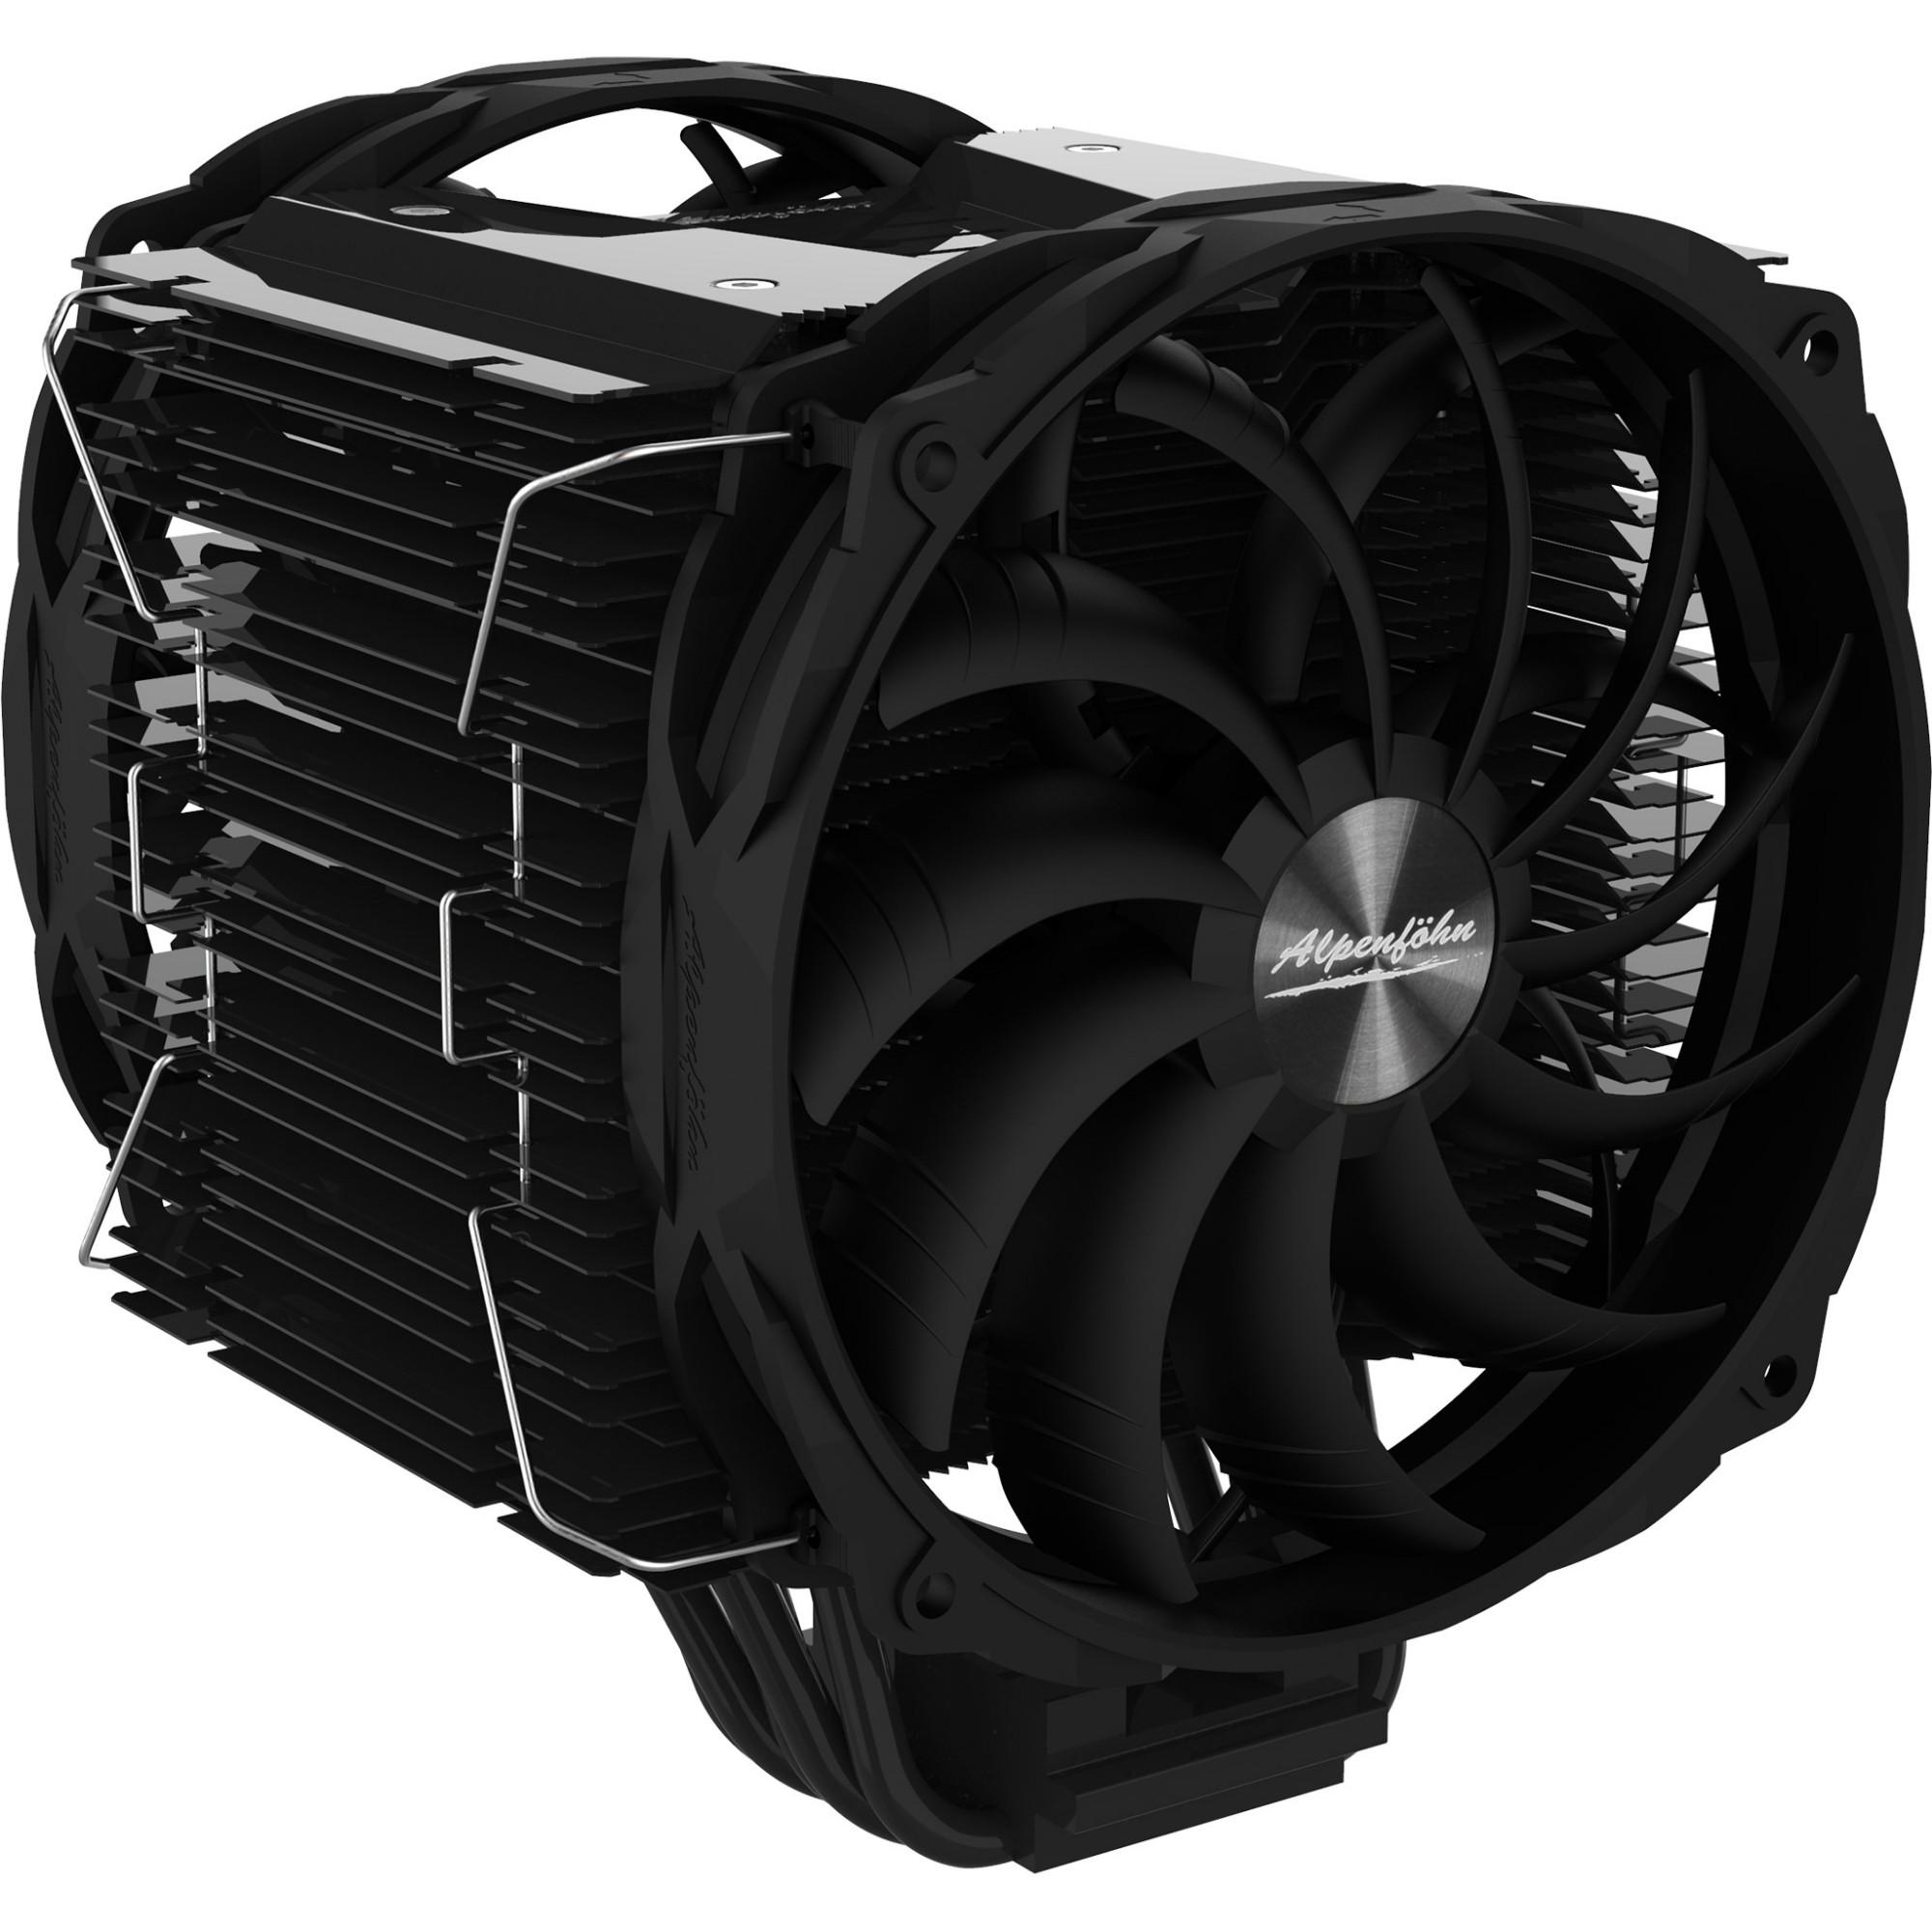 Alpenföhn Brocken 3 Black Edition Processor Cooler